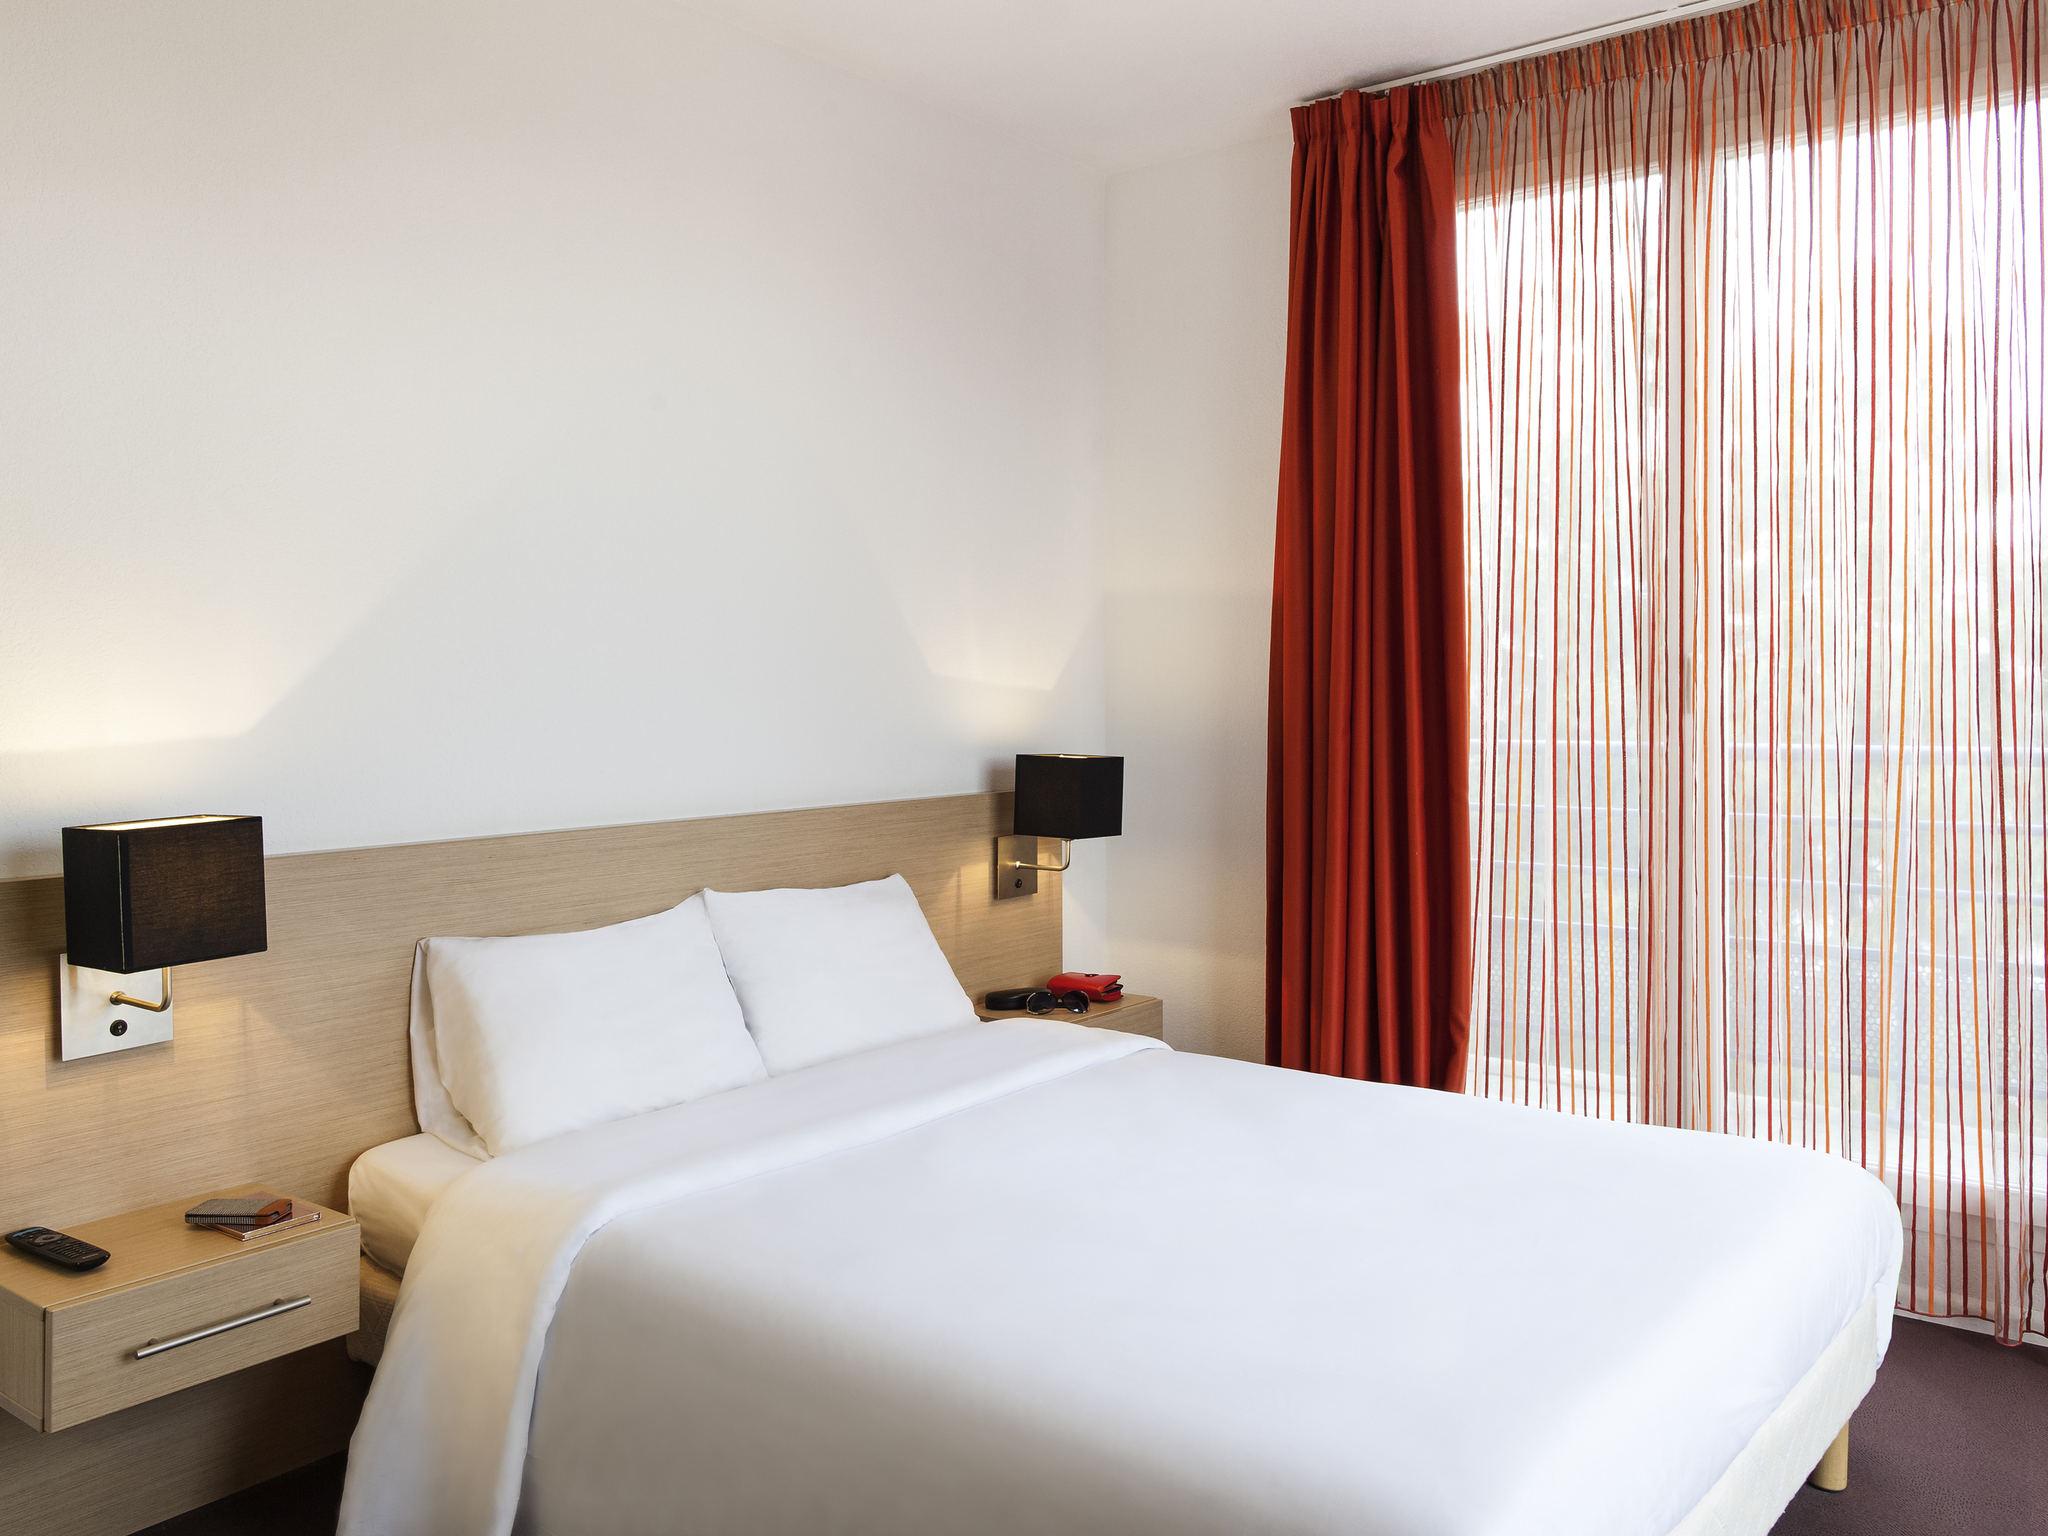 H tel saint louis aparthotel adagio access saint louis for Apart hotel adagio